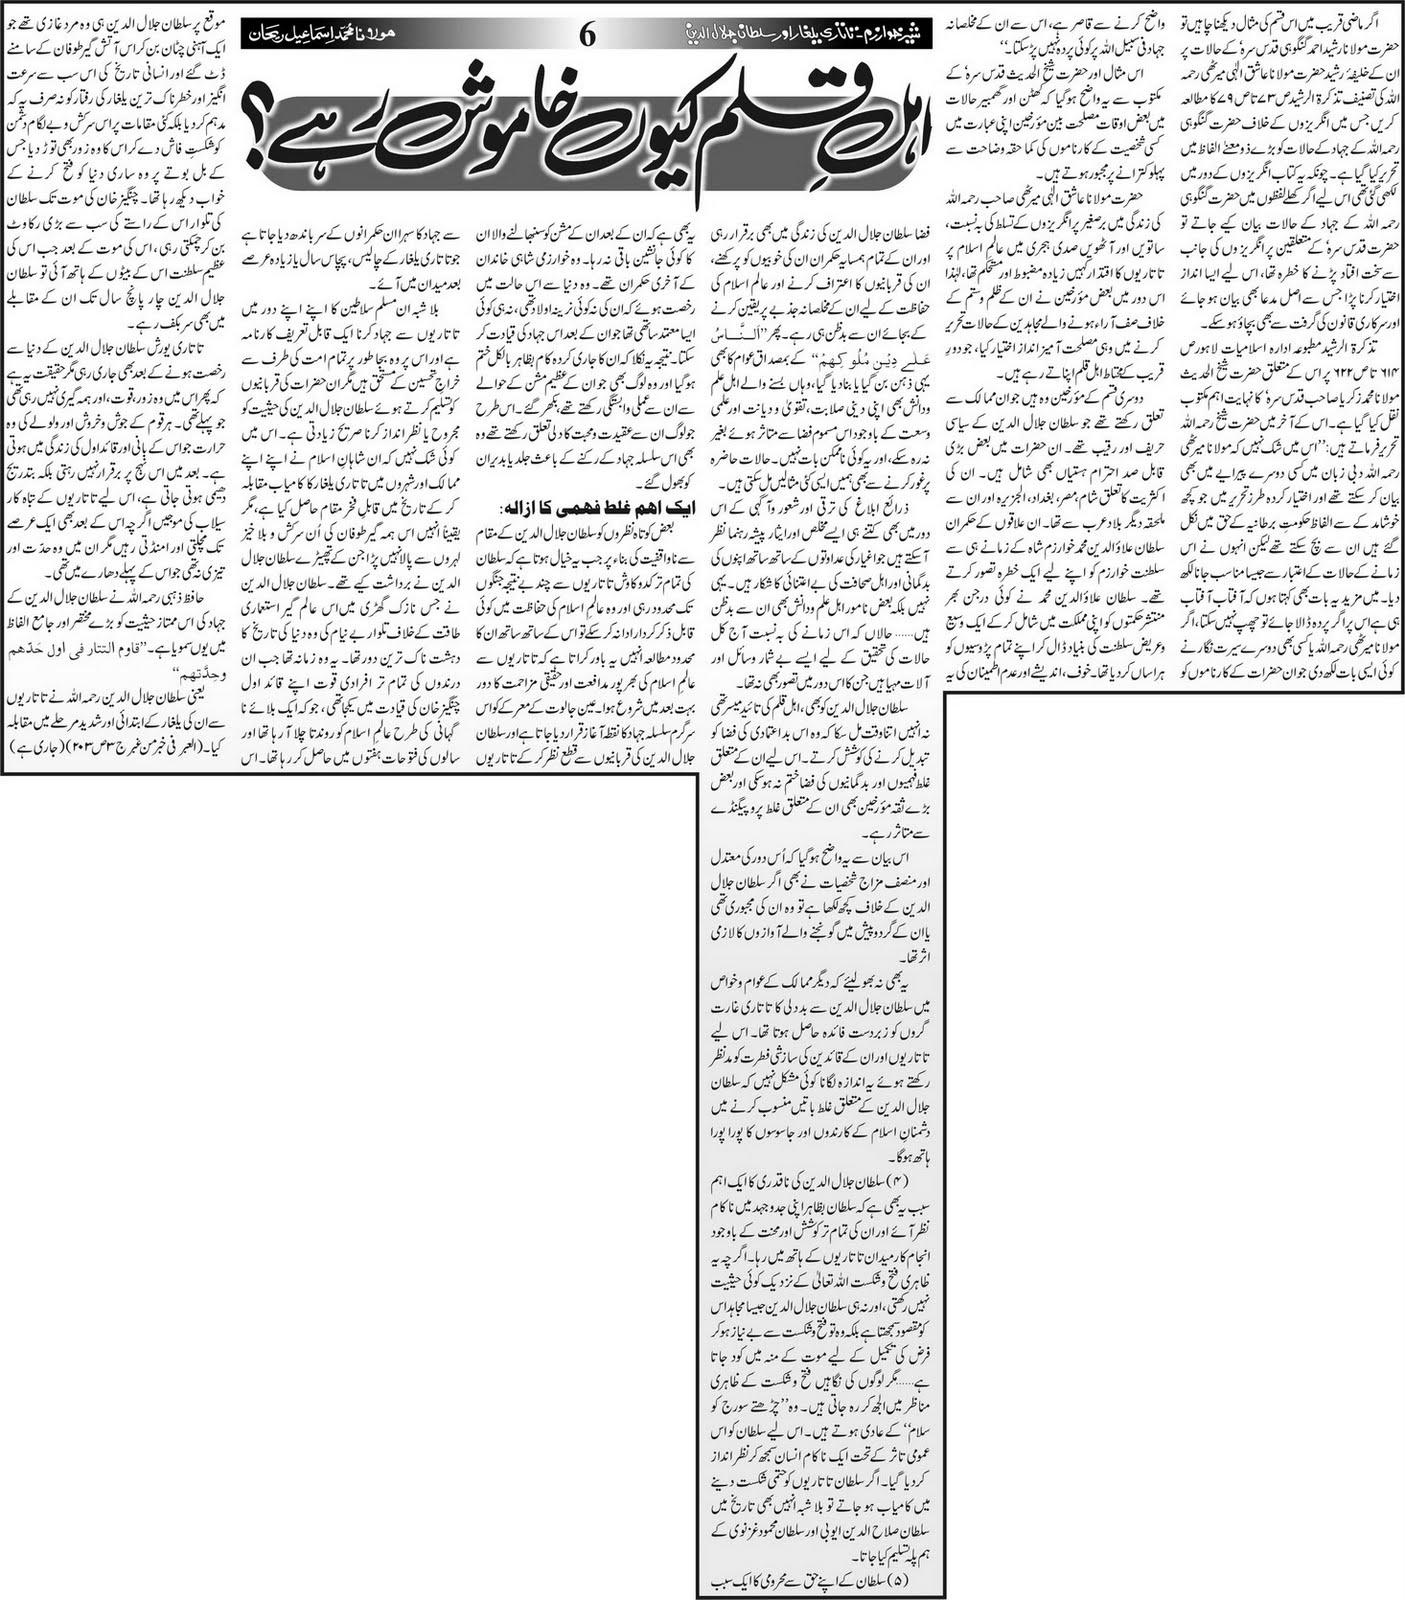 Zarb-e-Momin: 06/10/10